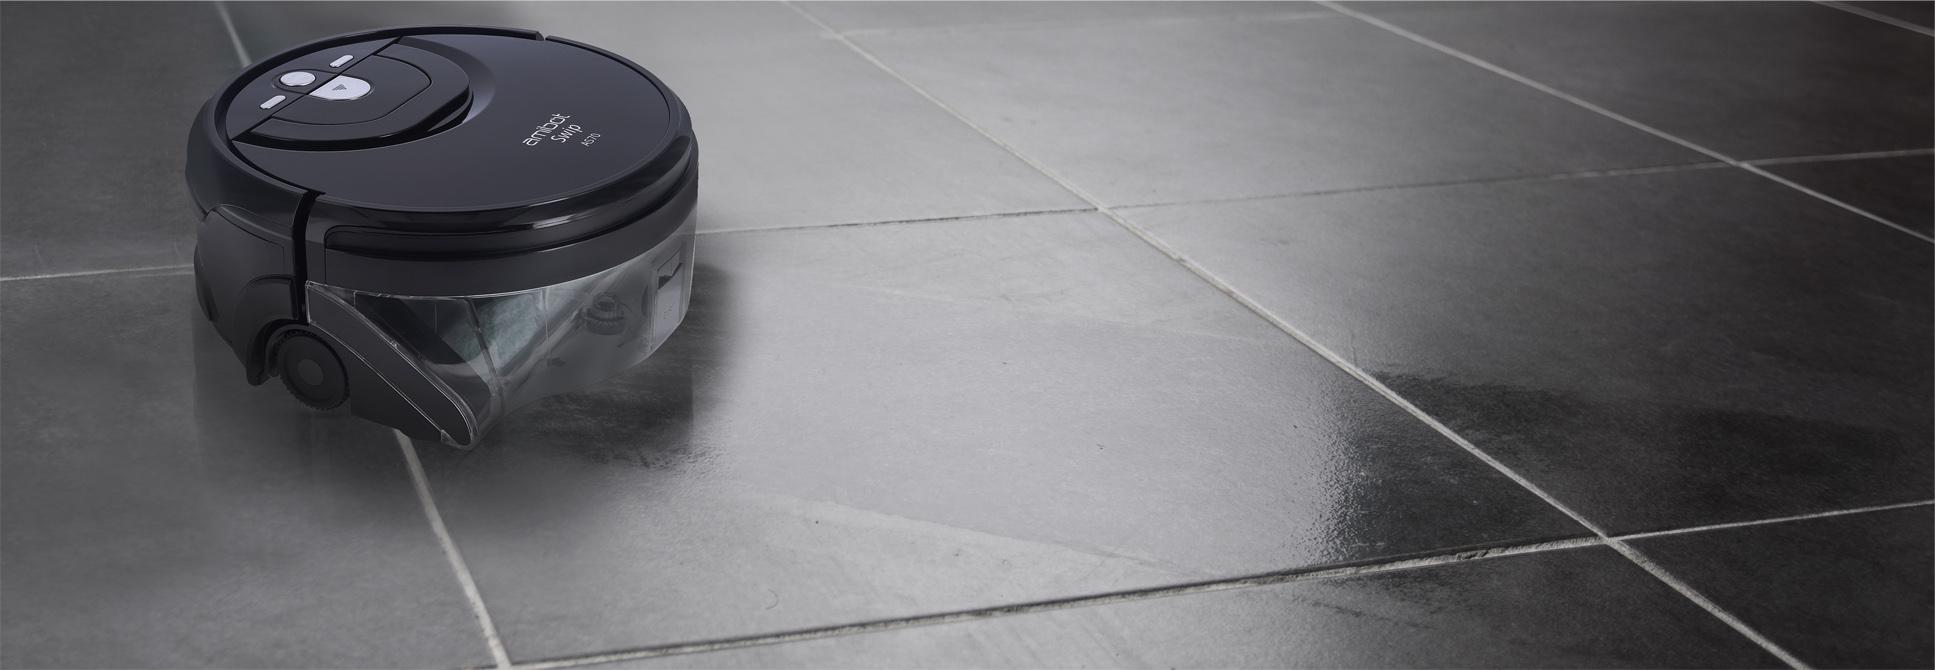 Robot laveur de sols durs AMIBOT Swip AS10 - Achat / Vente